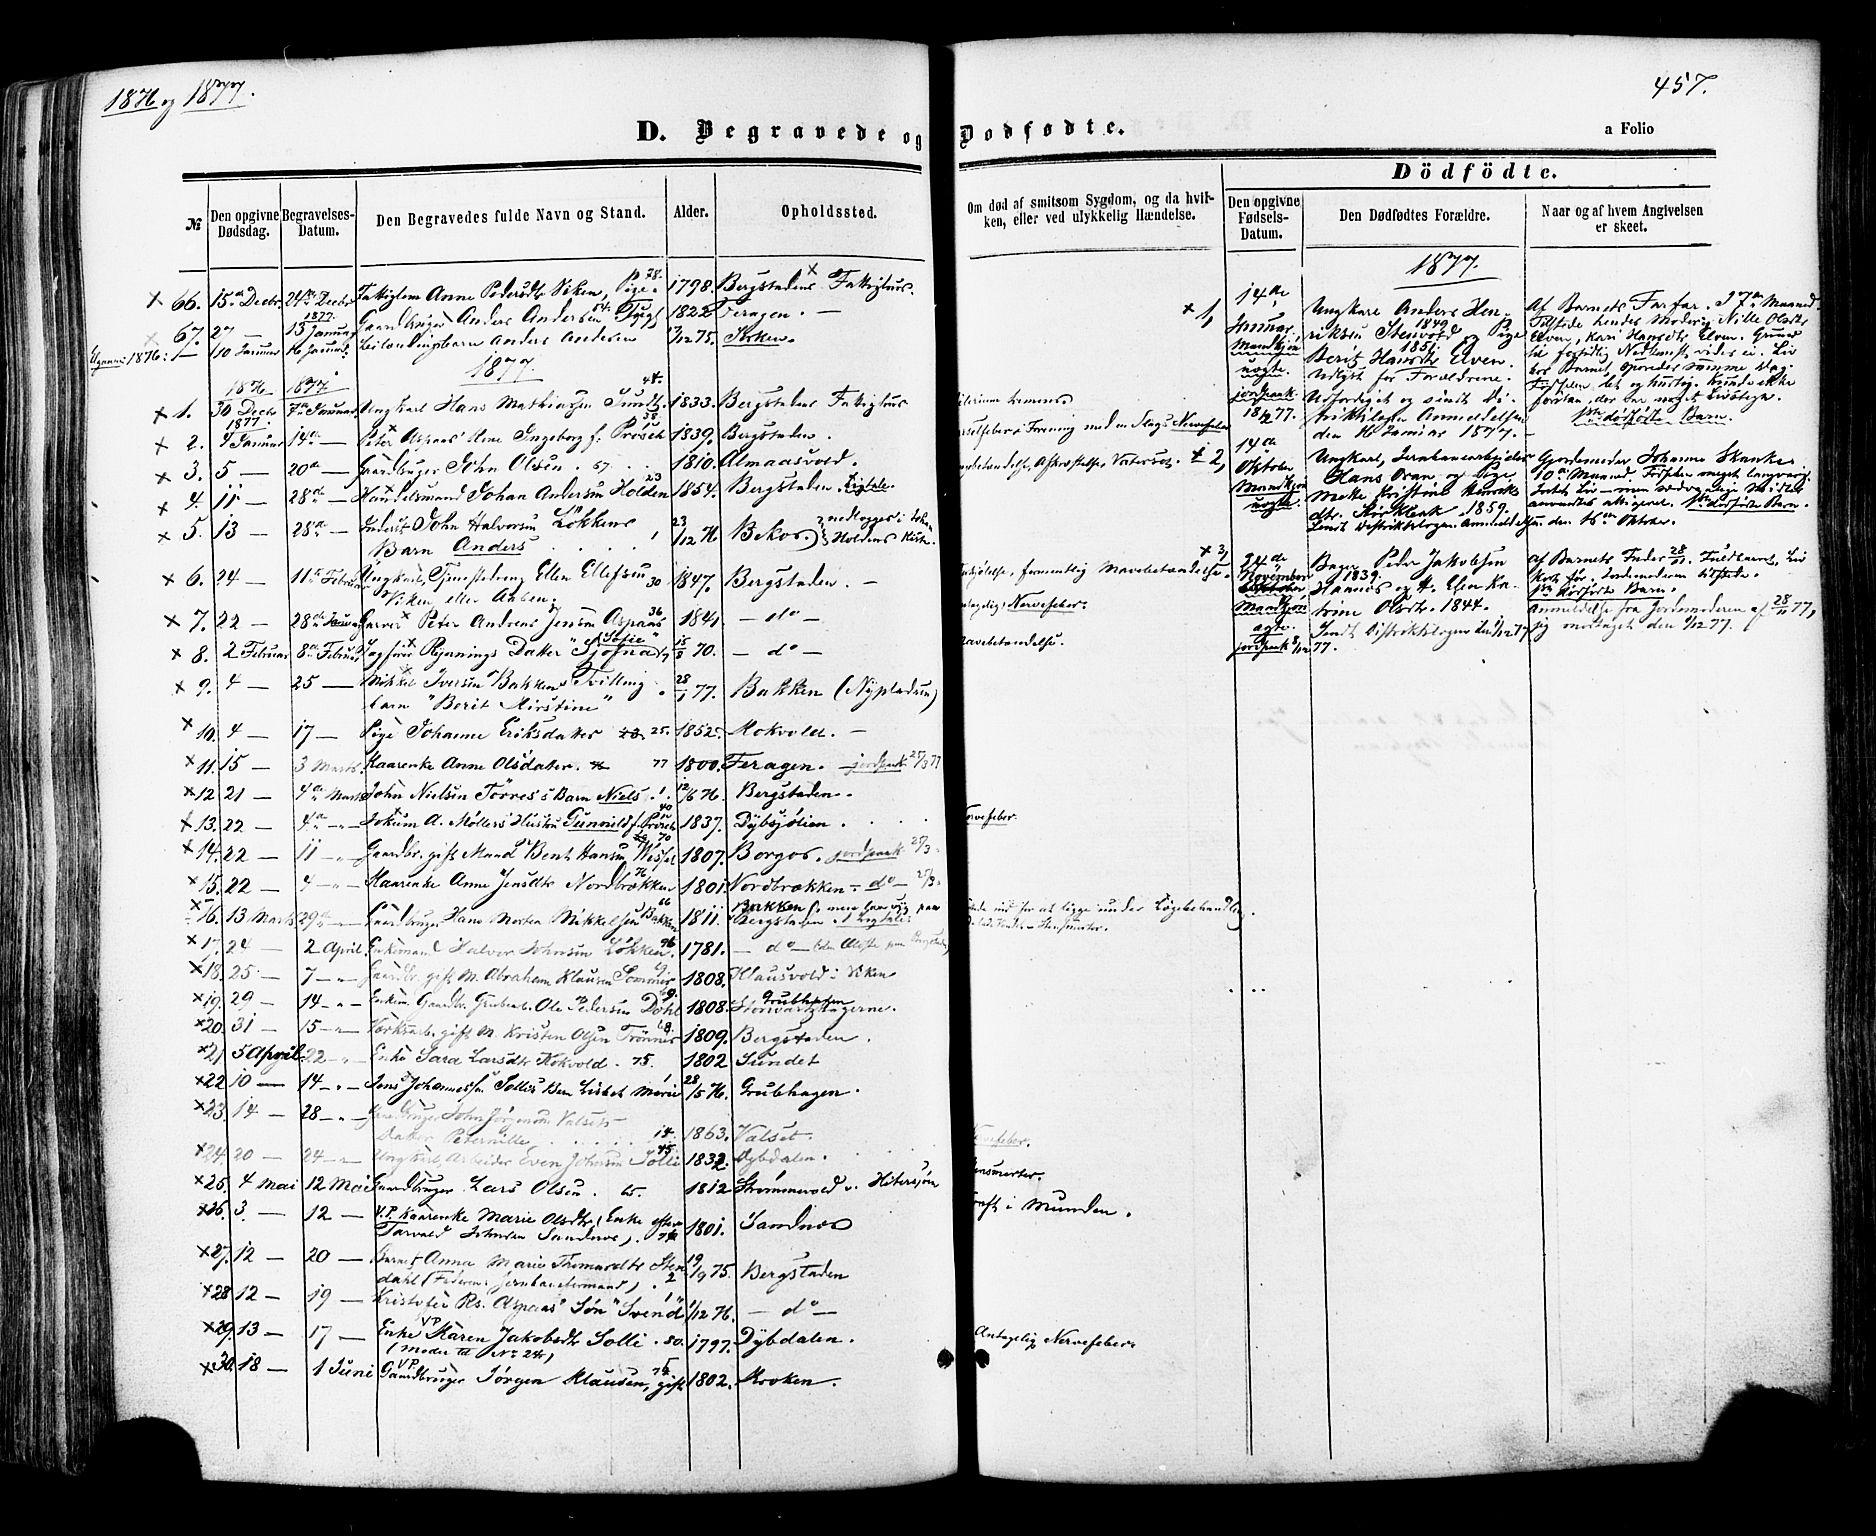 SAT, Ministerialprotokoller, klokkerbøker og fødselsregistre - Sør-Trøndelag, 681/L0932: Ministerialbok nr. 681A10, 1860-1878, s. 457